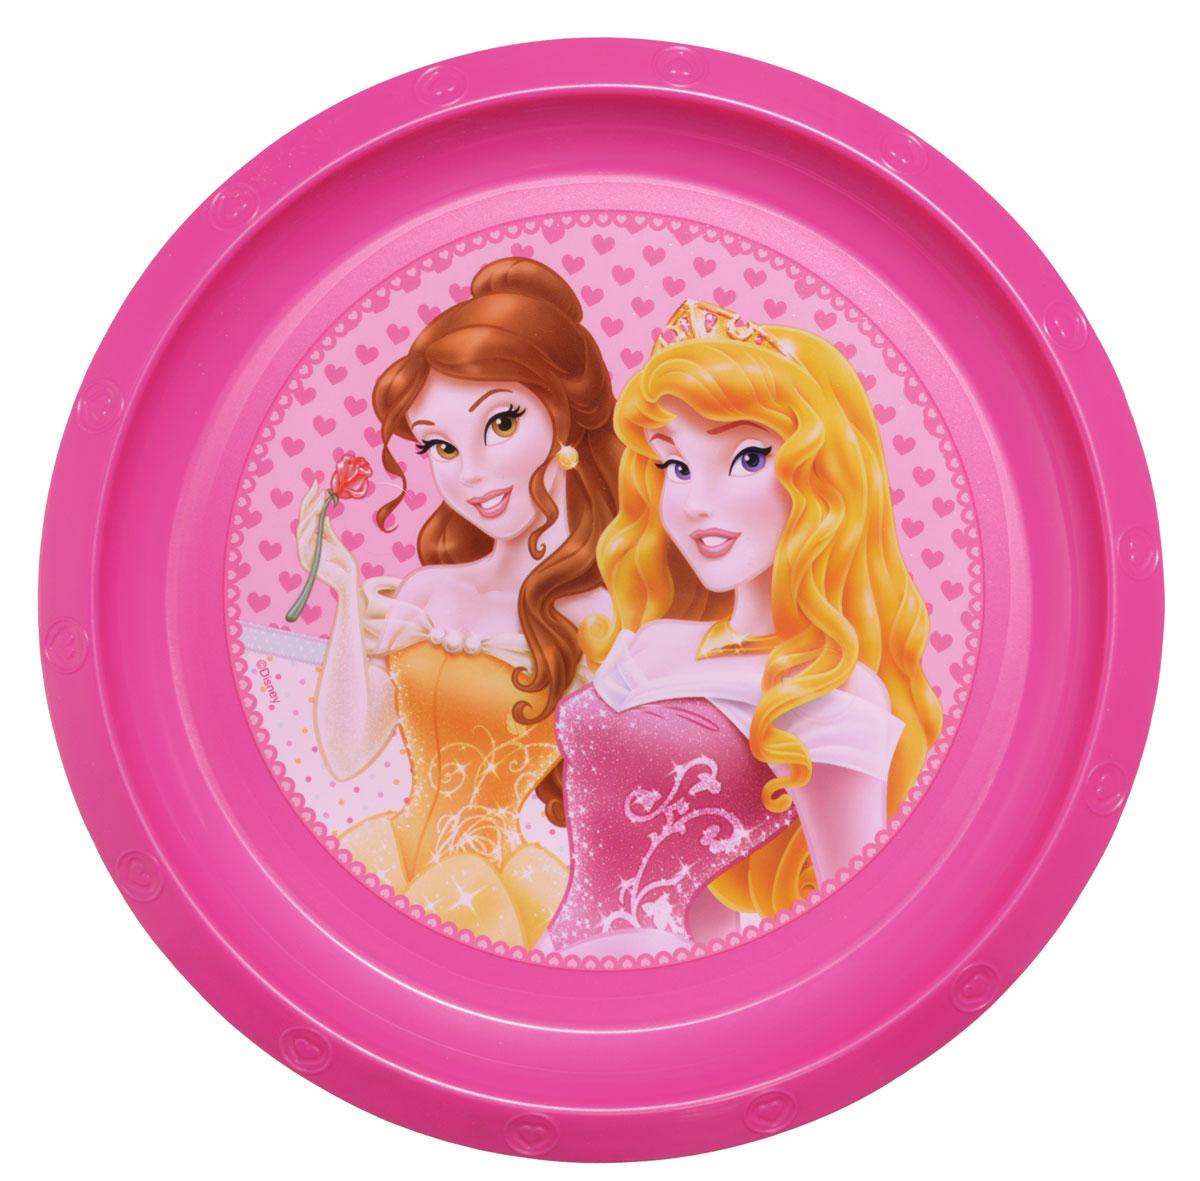 Disney Тарелка детская Принцессы Белль и Аврора9917-TCЯркая тарелка Disney Принцессы идеально подойдет для кормления малыша и самостоятельного приема им пищи. Тарелка выполнена из безопасного полипропилена, дно оформлено высококачественным изображением принцесс из диснеевских сказок.Такой подарок станет не только приятным, но и практичным сувениром, добавит ярких эмоций вашему ребенку! Не предназначено для использования в СВЧ-печи и посудомоечной машине.